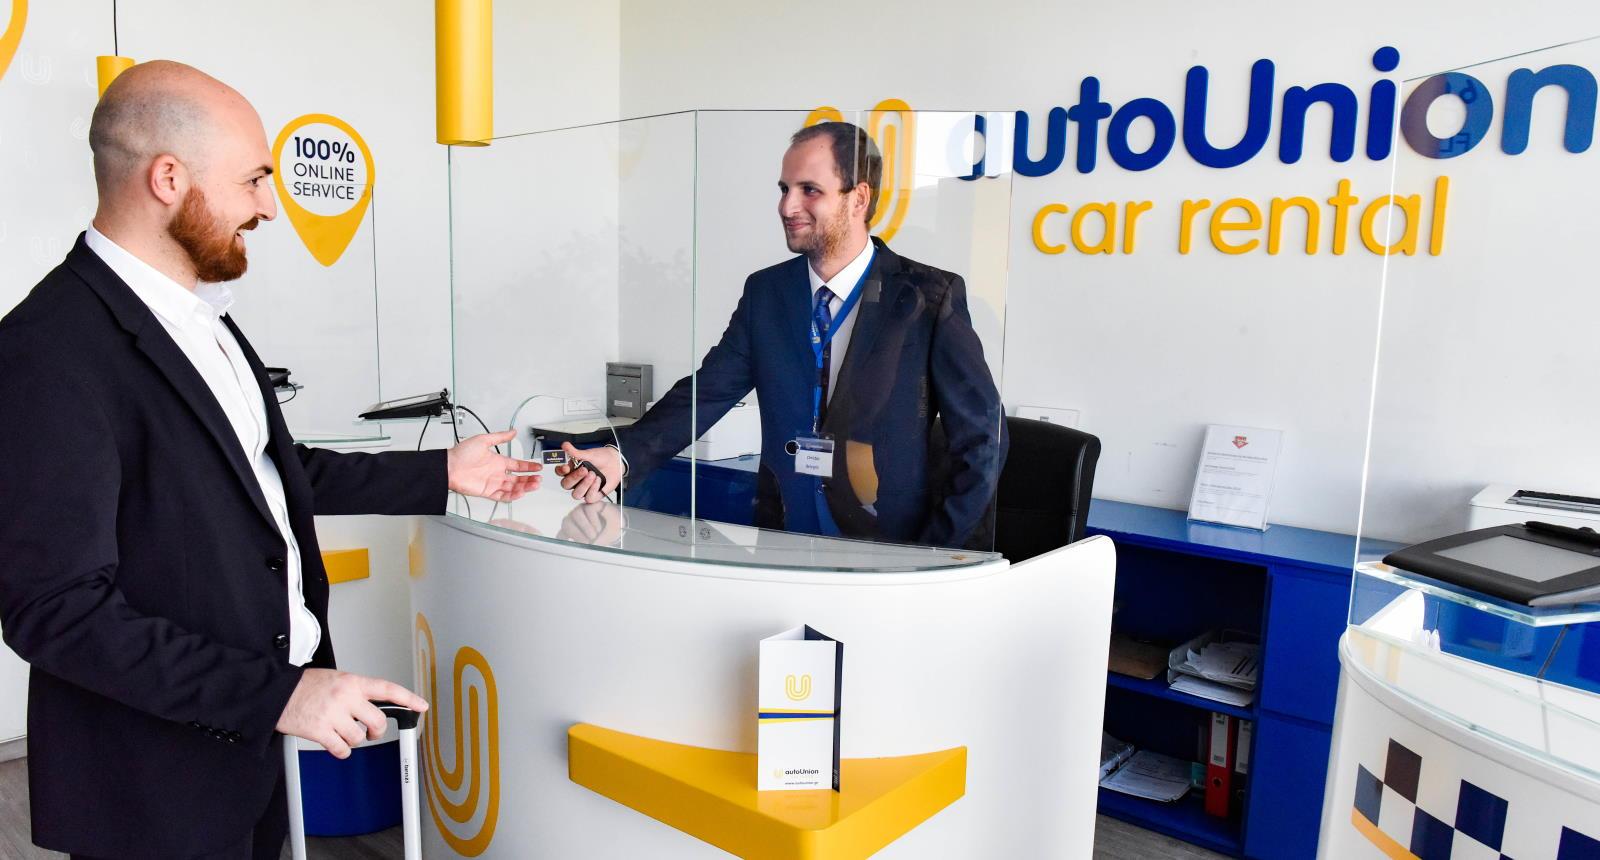 L'entreprise / Nos valeurs - AutoUnion Car Rental